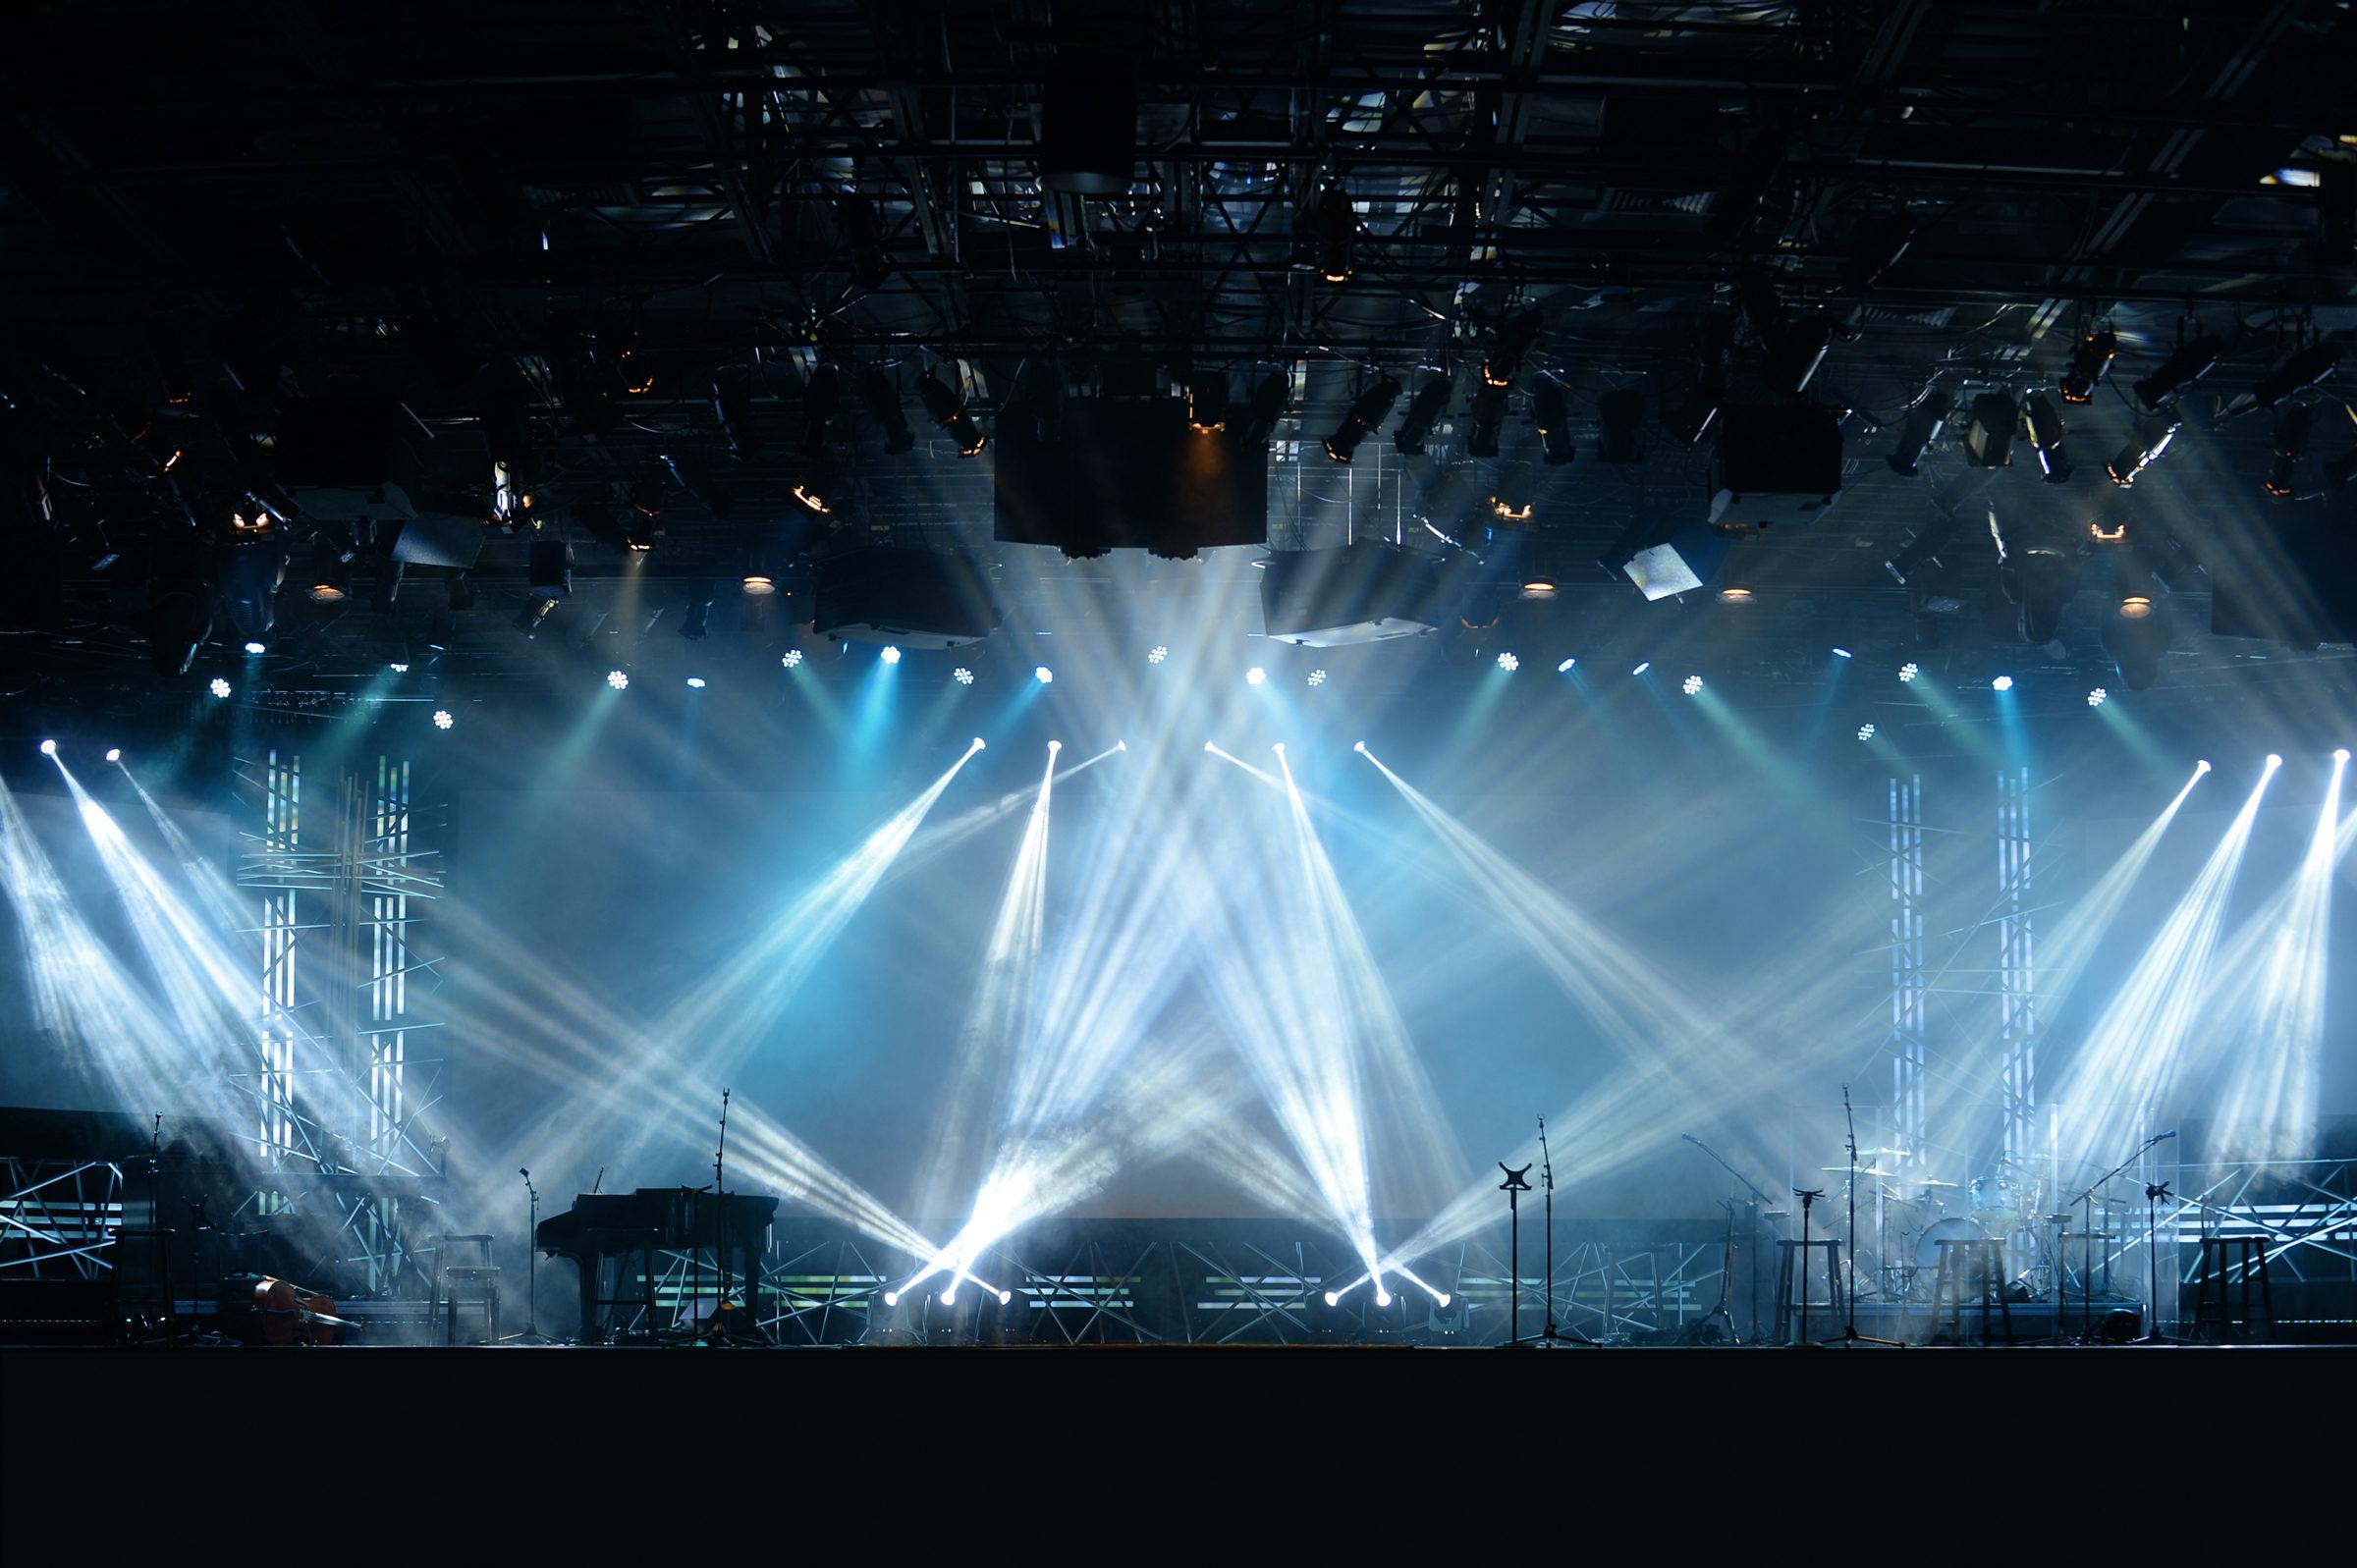 Lichter auf der Bühne